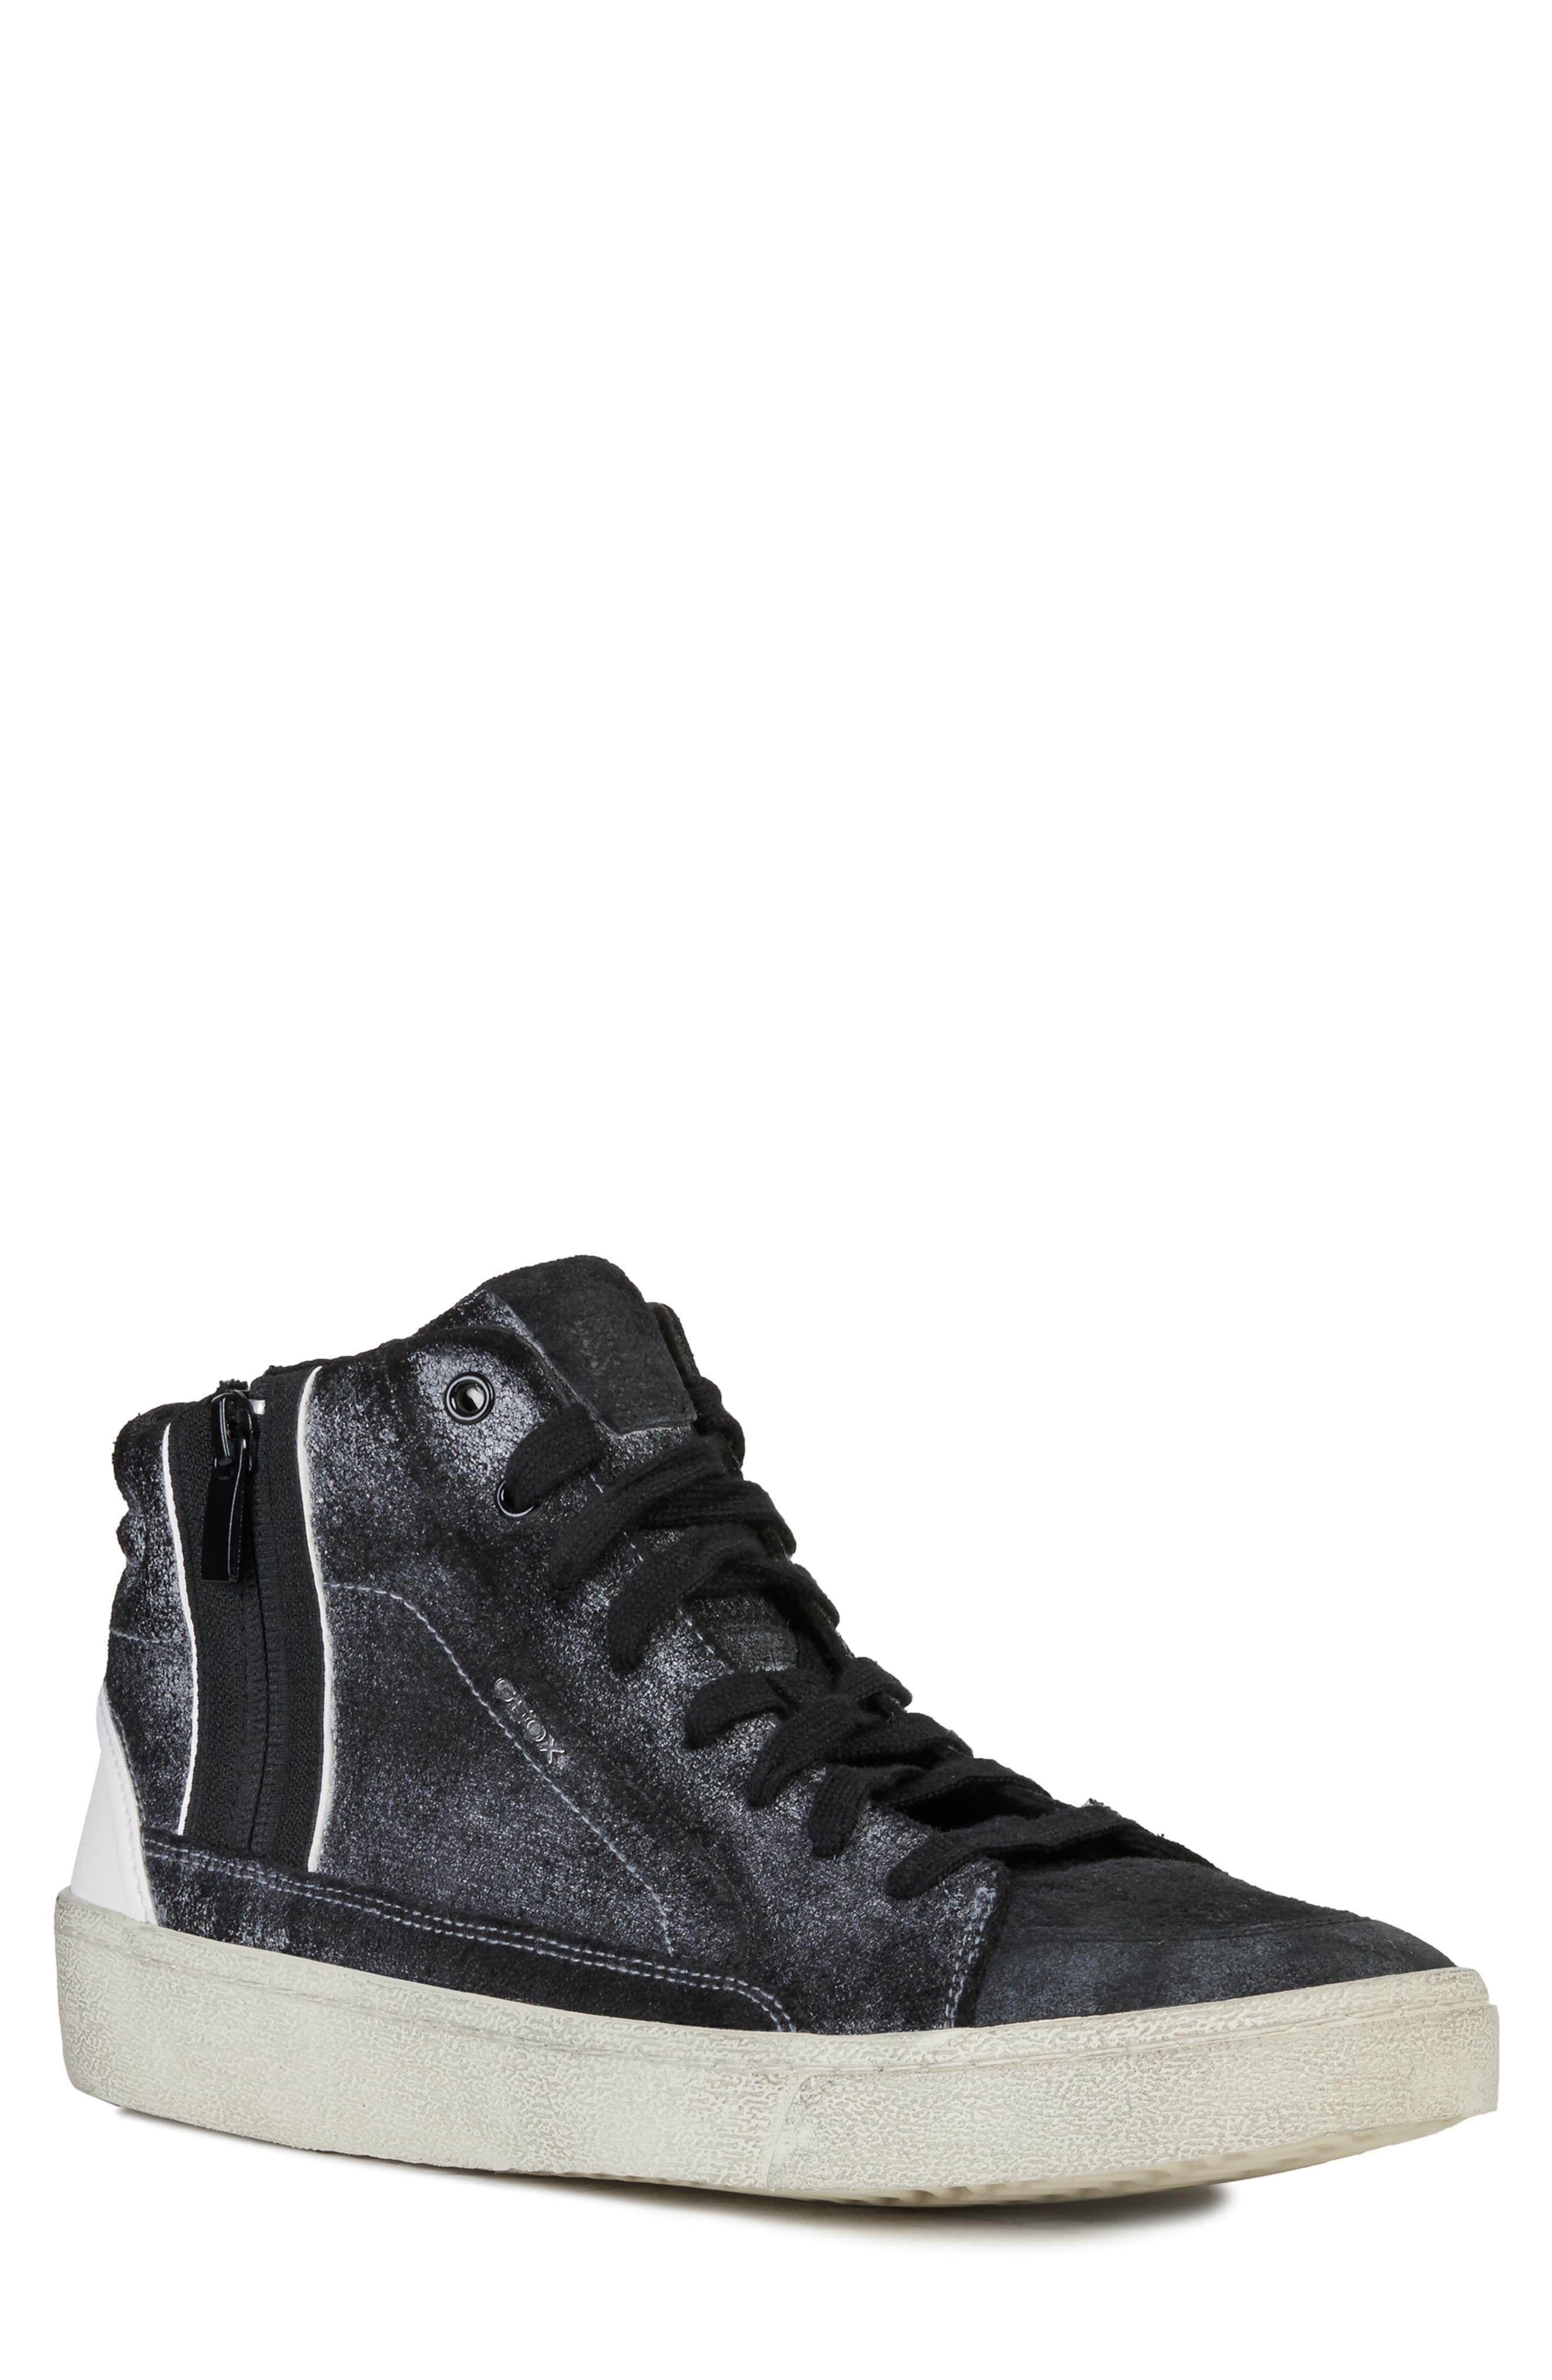 Men's Geox Warley 6 Sneaker, Size 10US 43EU Black